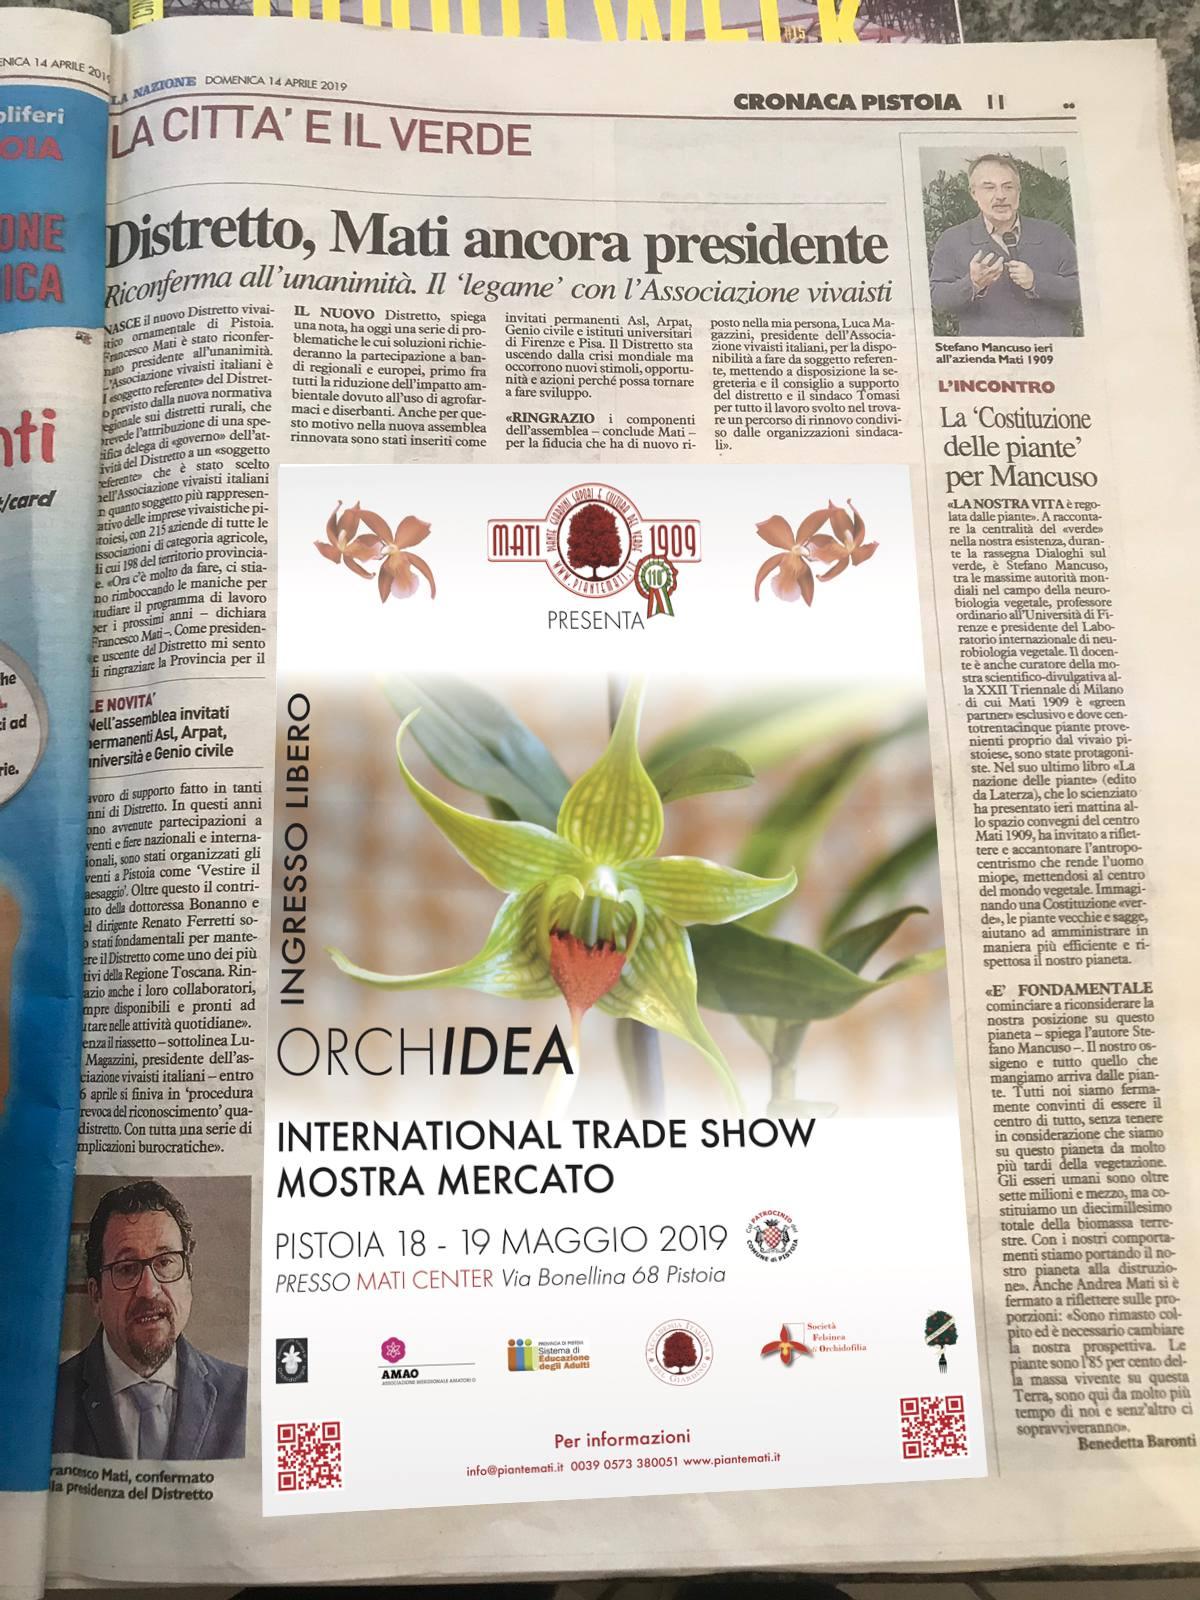 Francesco-Mati-riconfermato-Presidente-del-Distretto